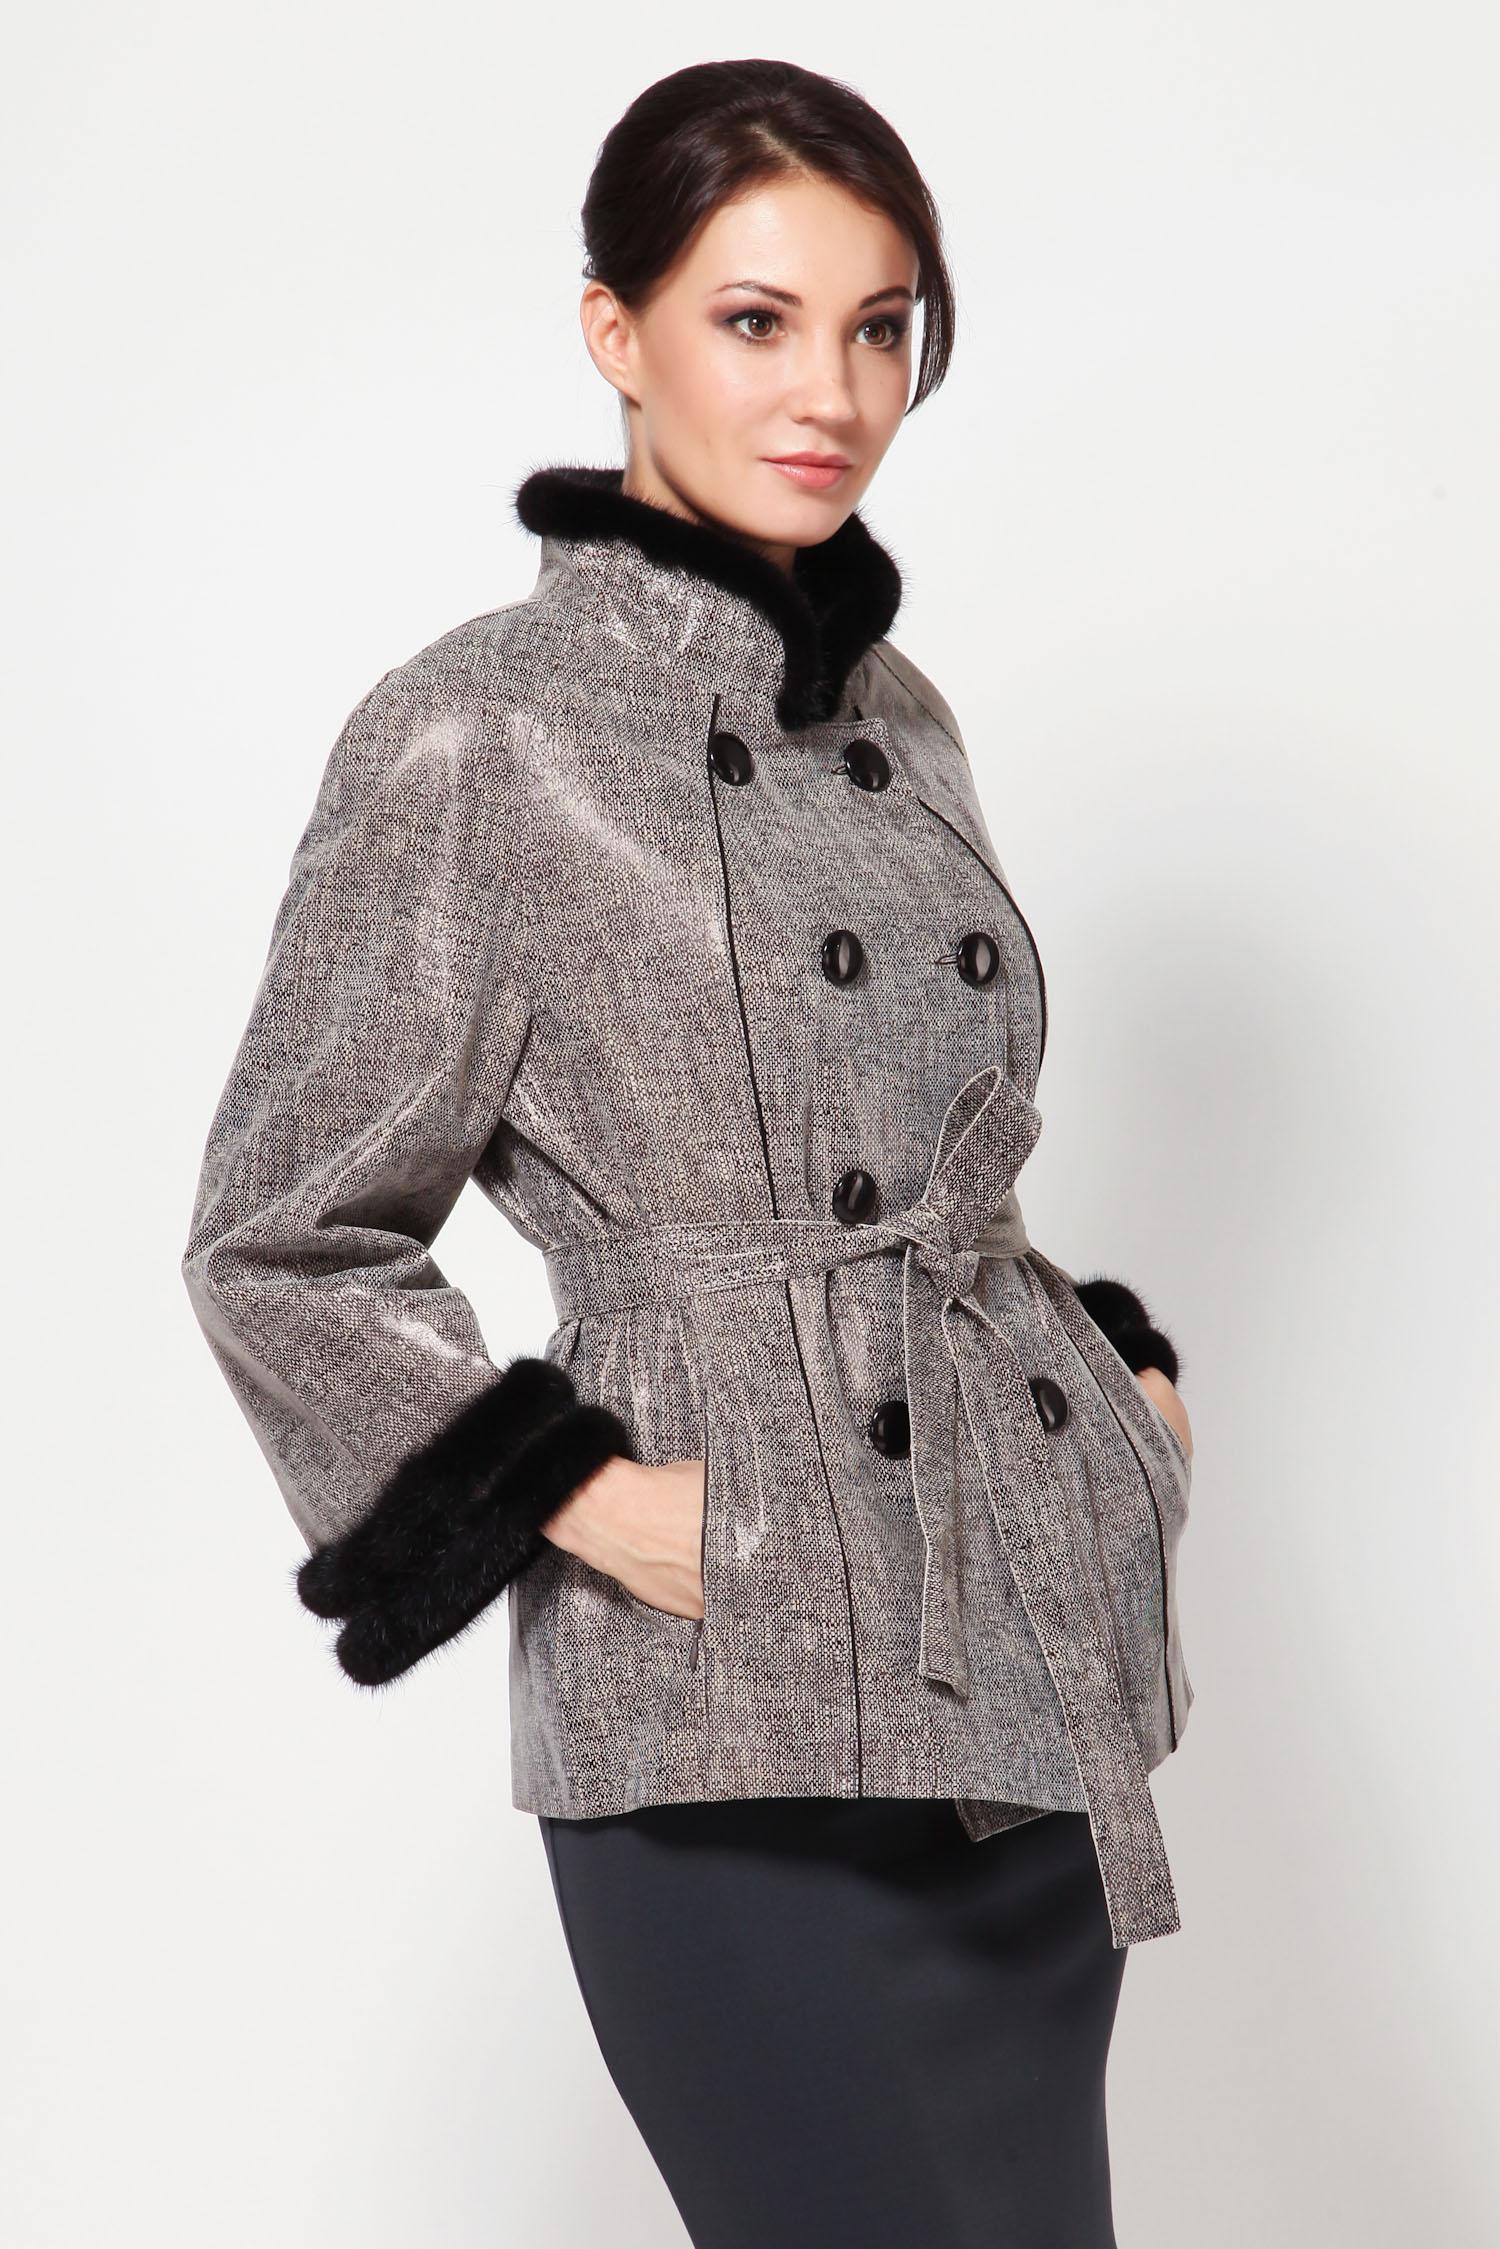 Женская кожаная куртка из натуральной замши (с накатом) с воротником, отделка норка